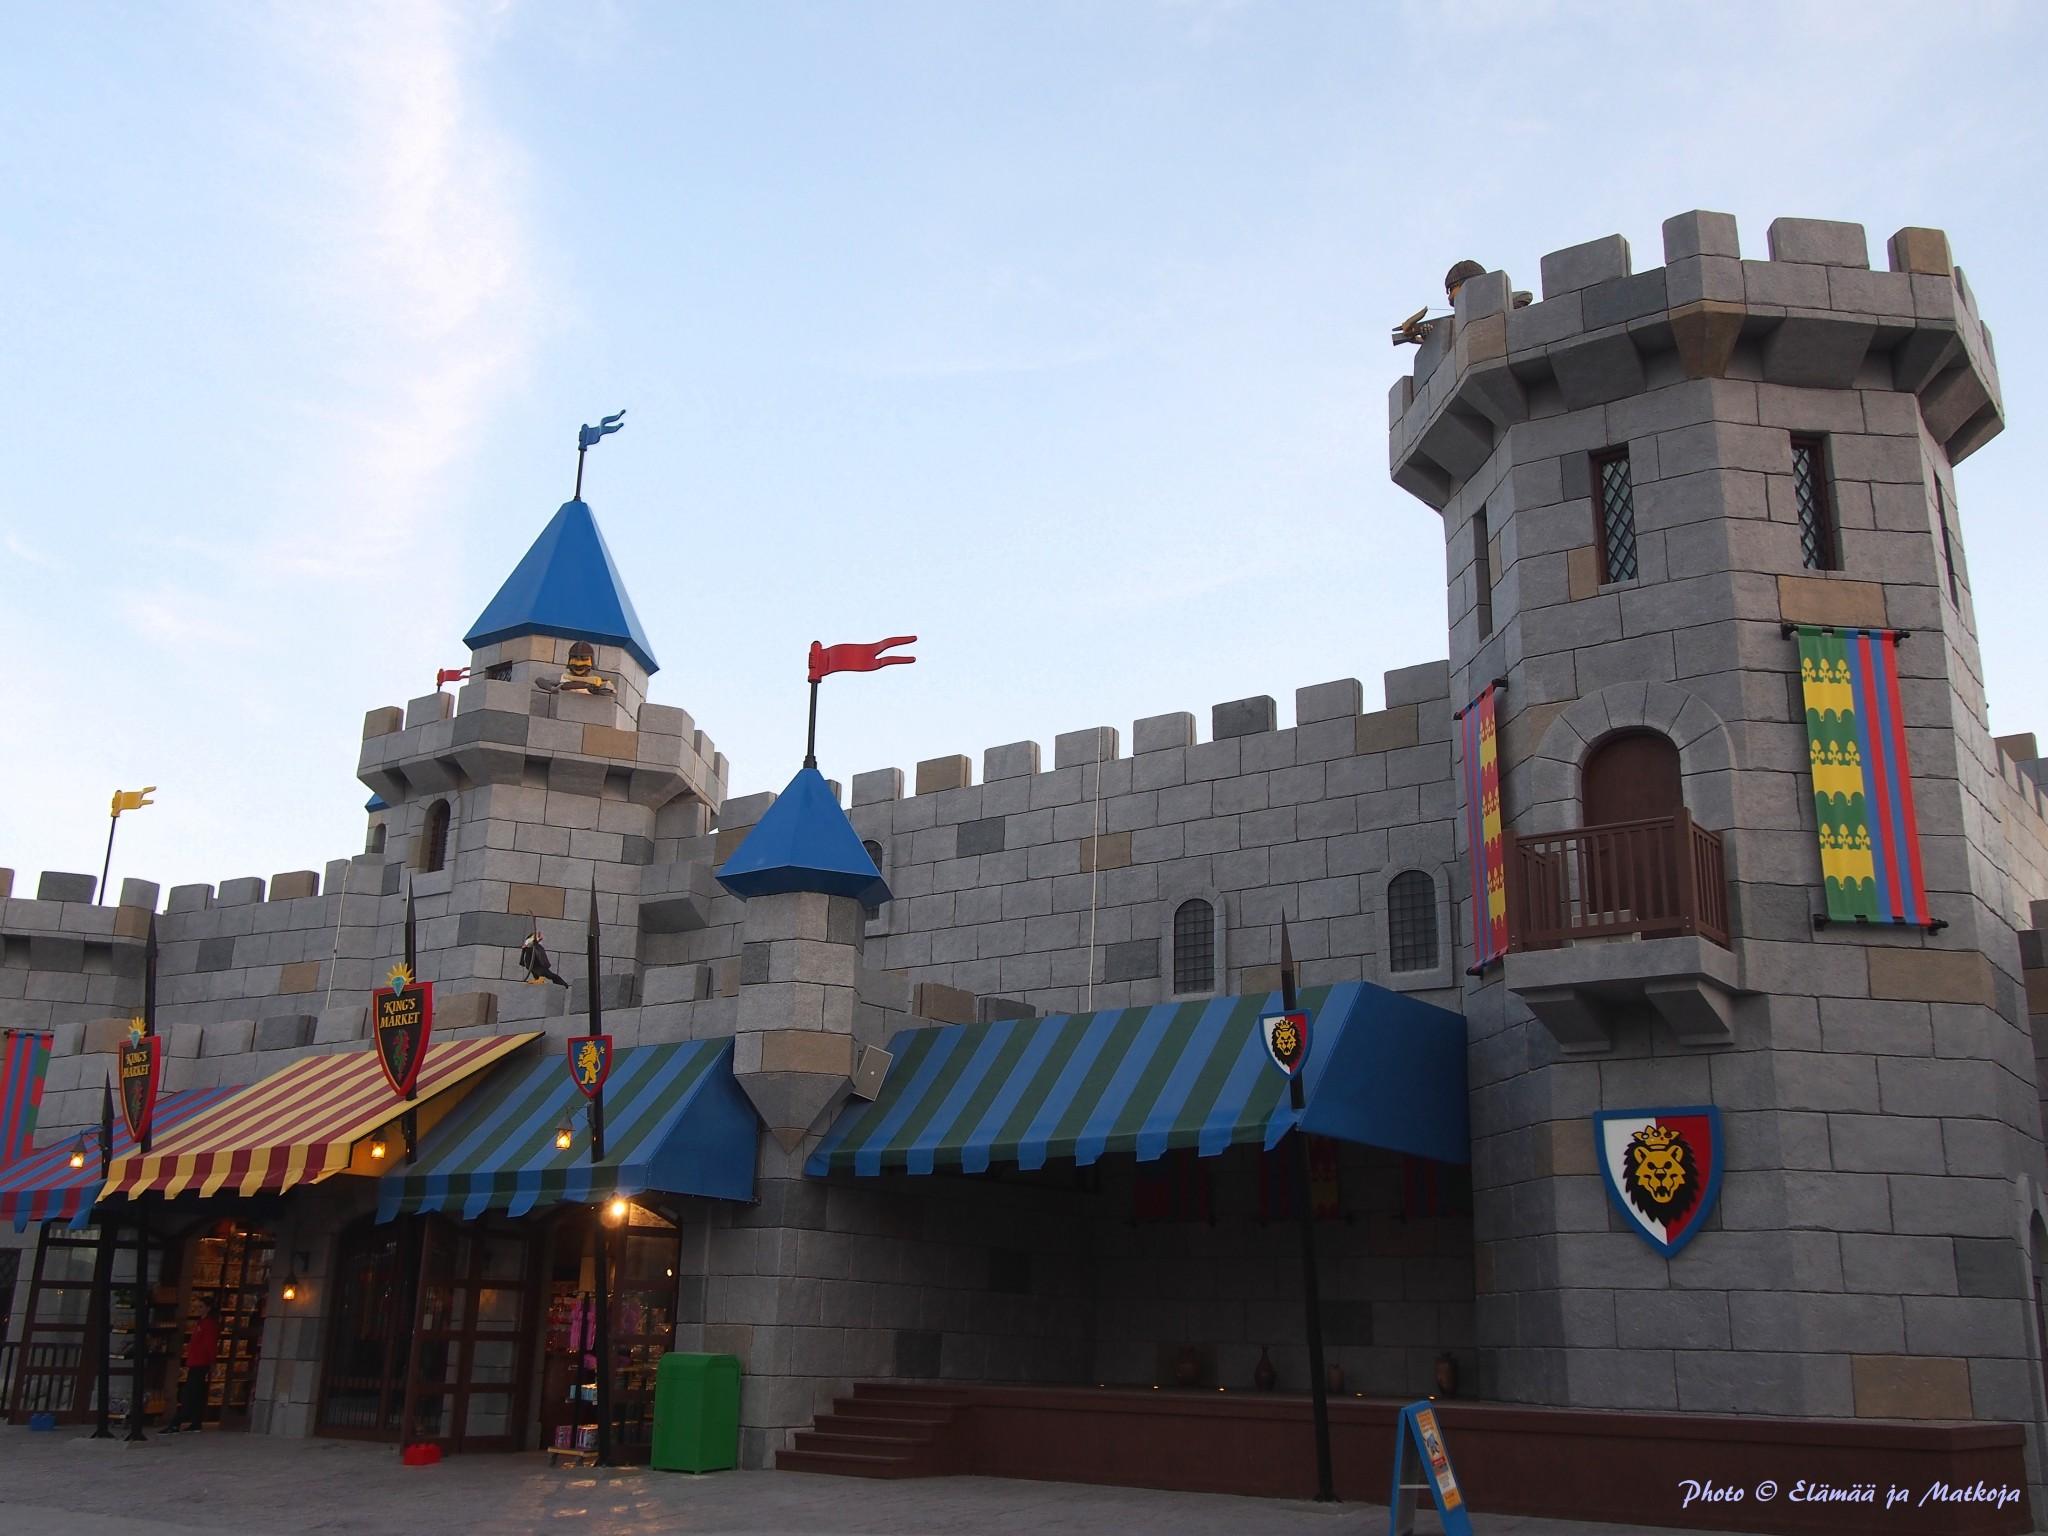 Legoland Dubai Kingdoms Photo © Elämää ja Matkoja